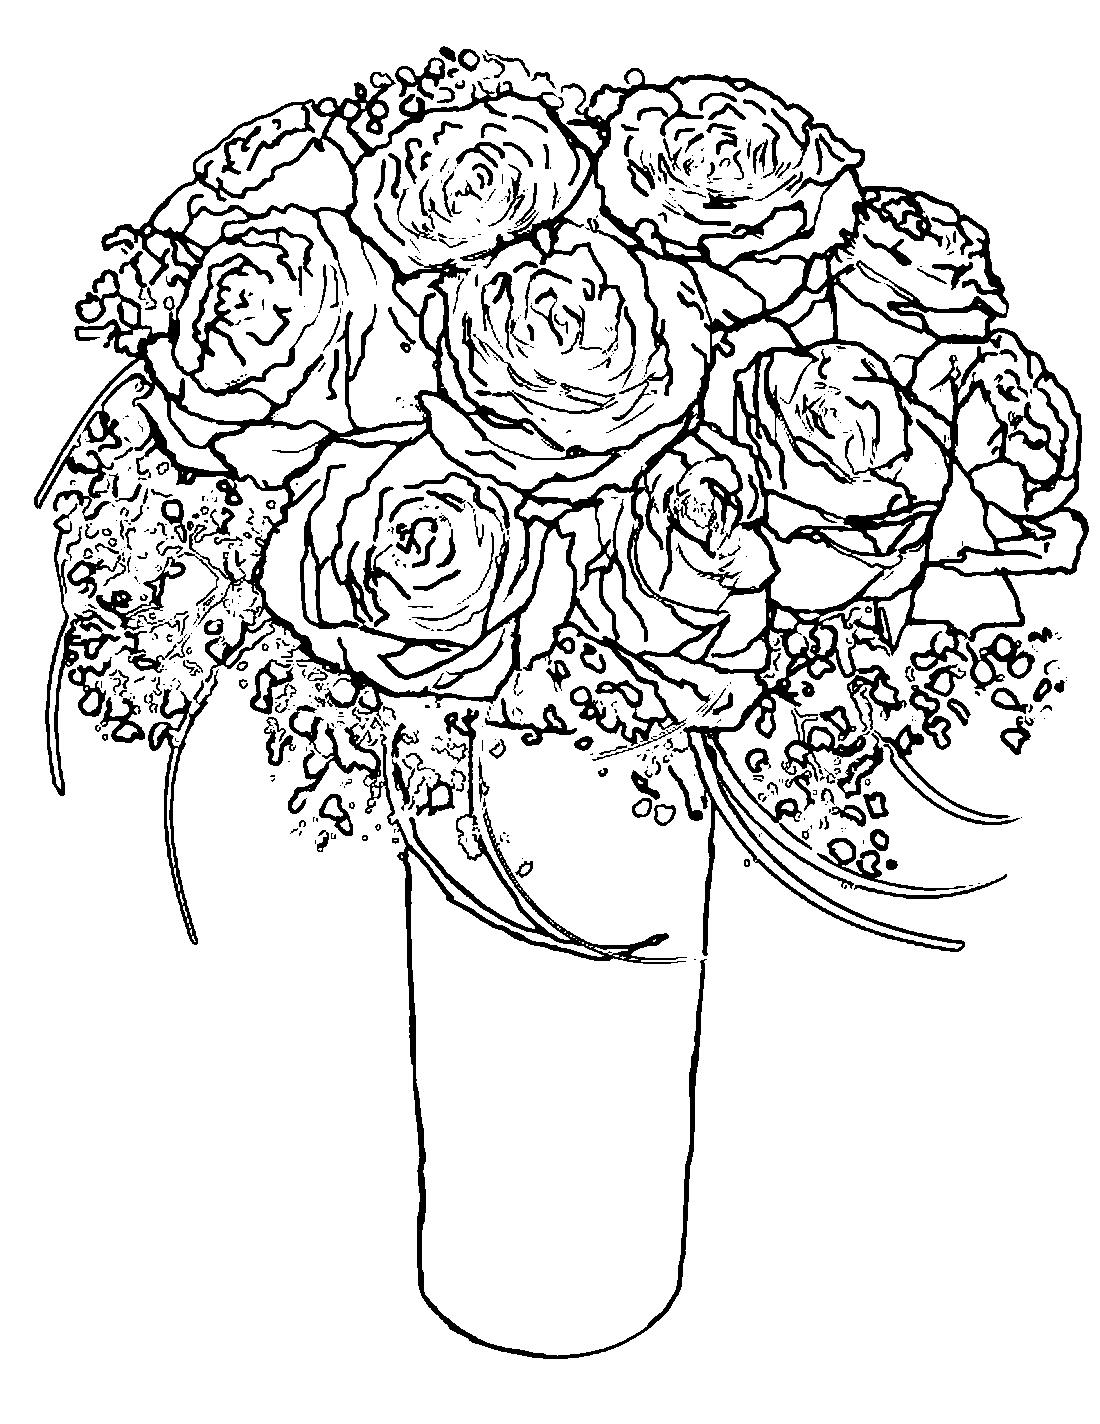 Розы в вазе - раскраска №11560 | Printonic.ru